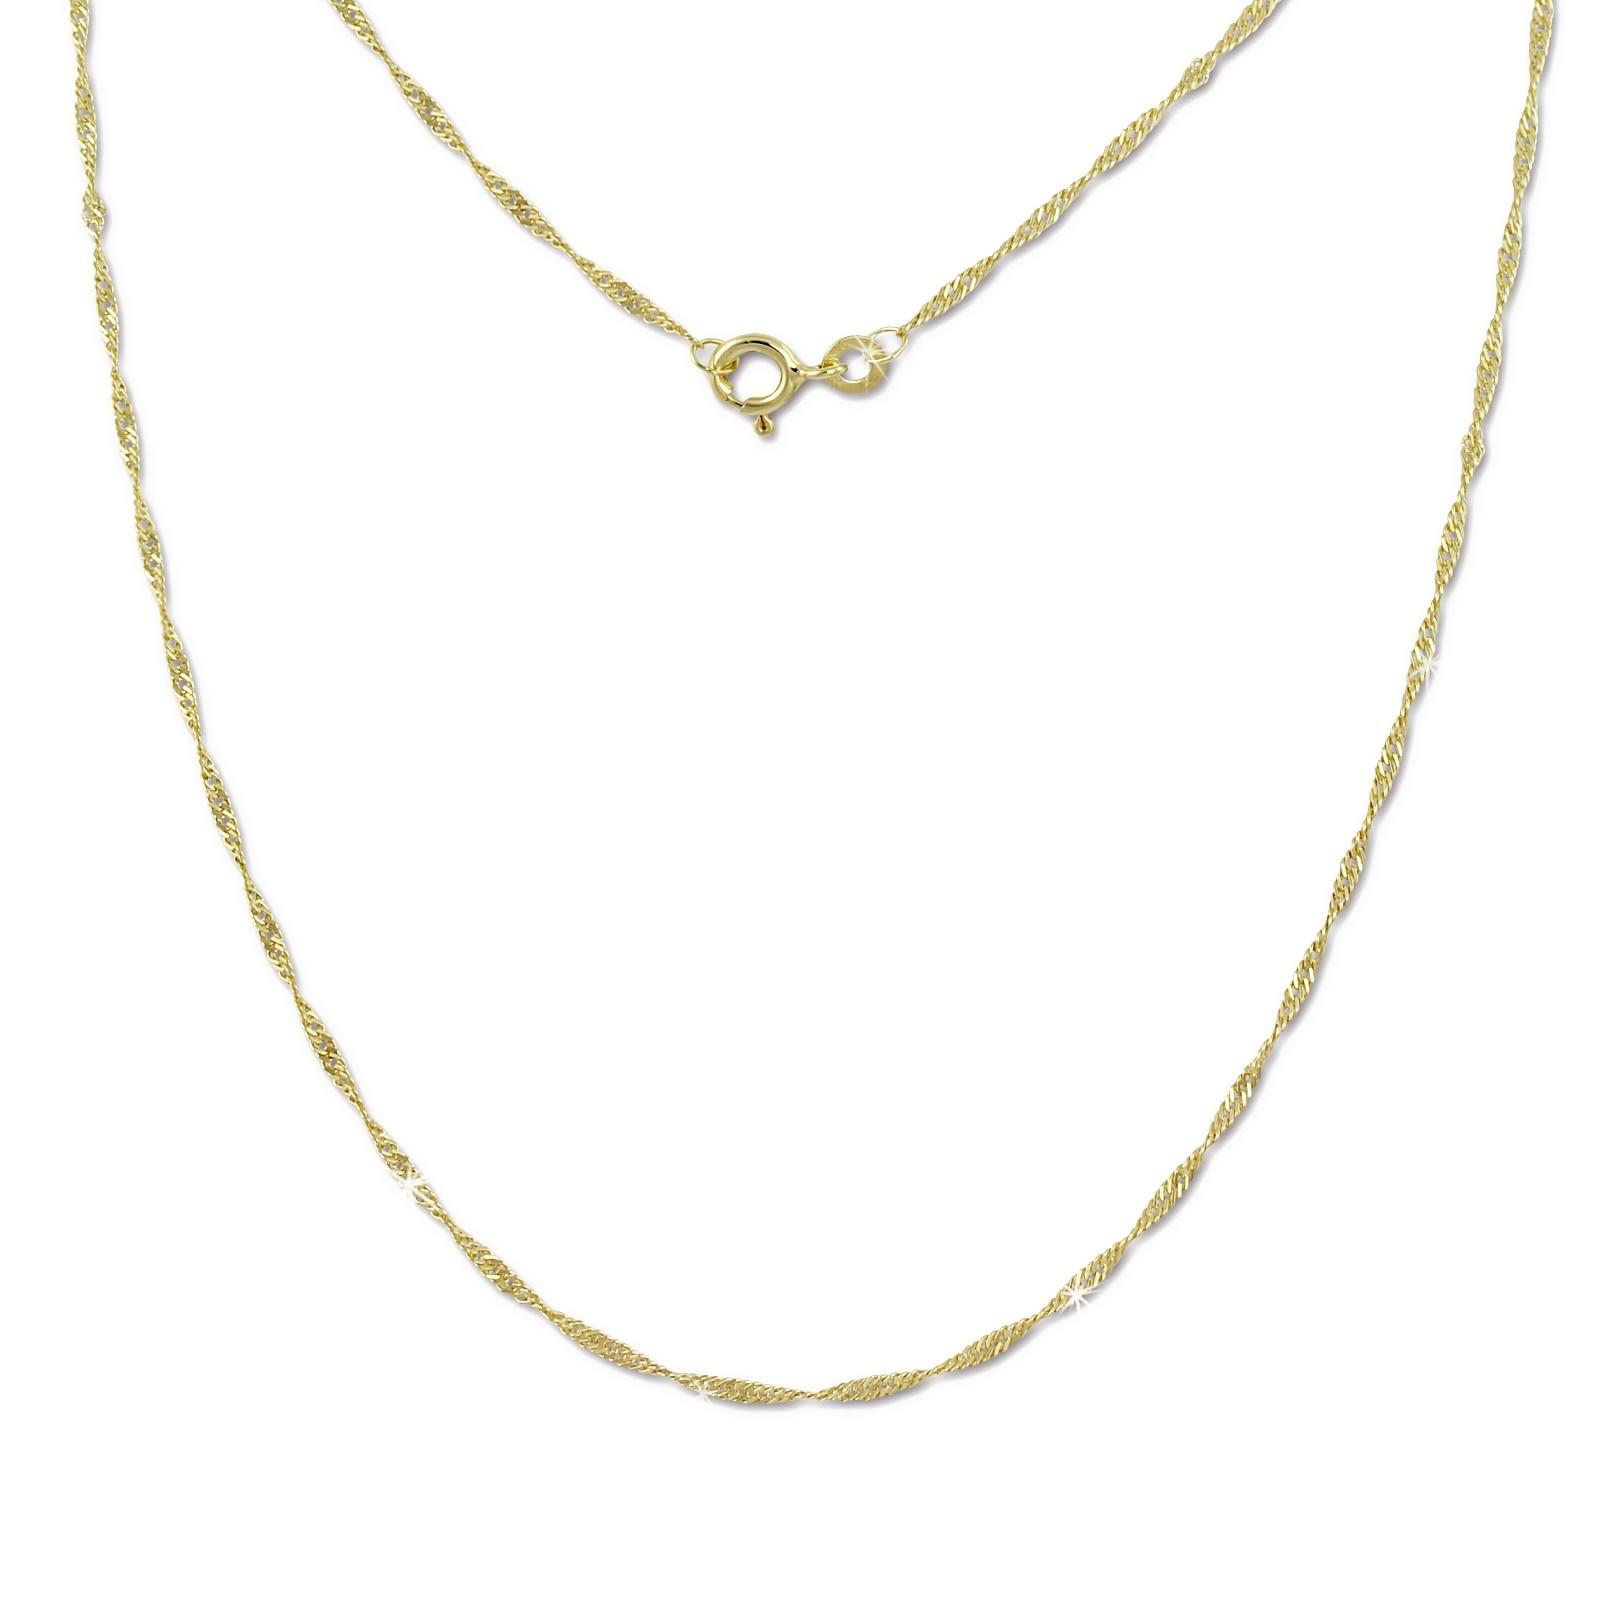 SilberDream Collier Kette Singapur 333 Gold Damen 45cm 8 Karat GDK00445Y